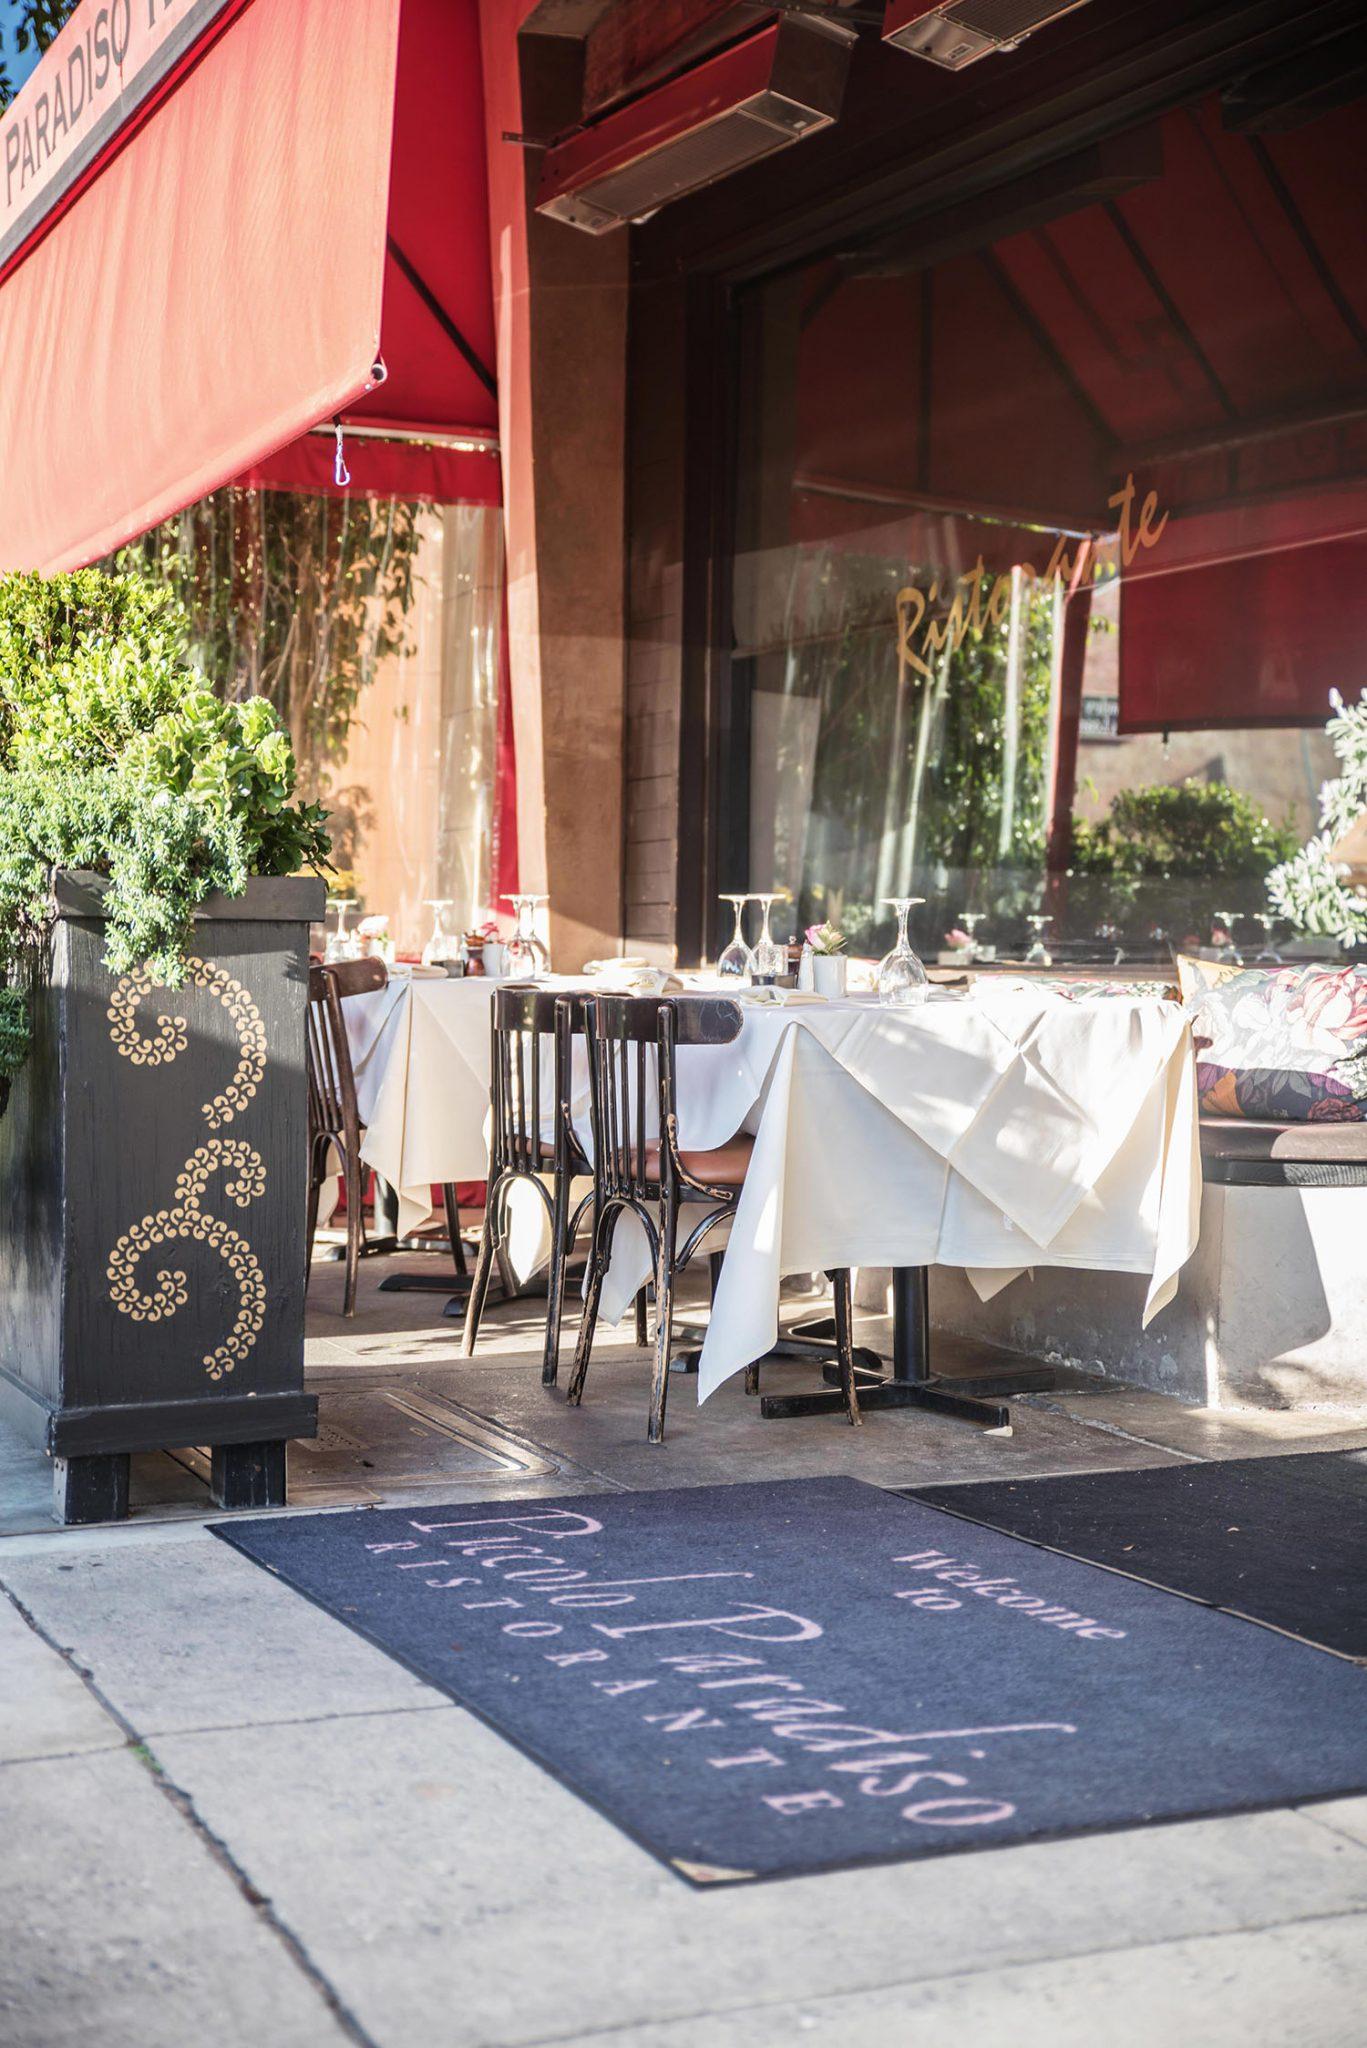 Piccolo Paradiso Ristorante in Beverly Hills by Giacomino Drago-761170937